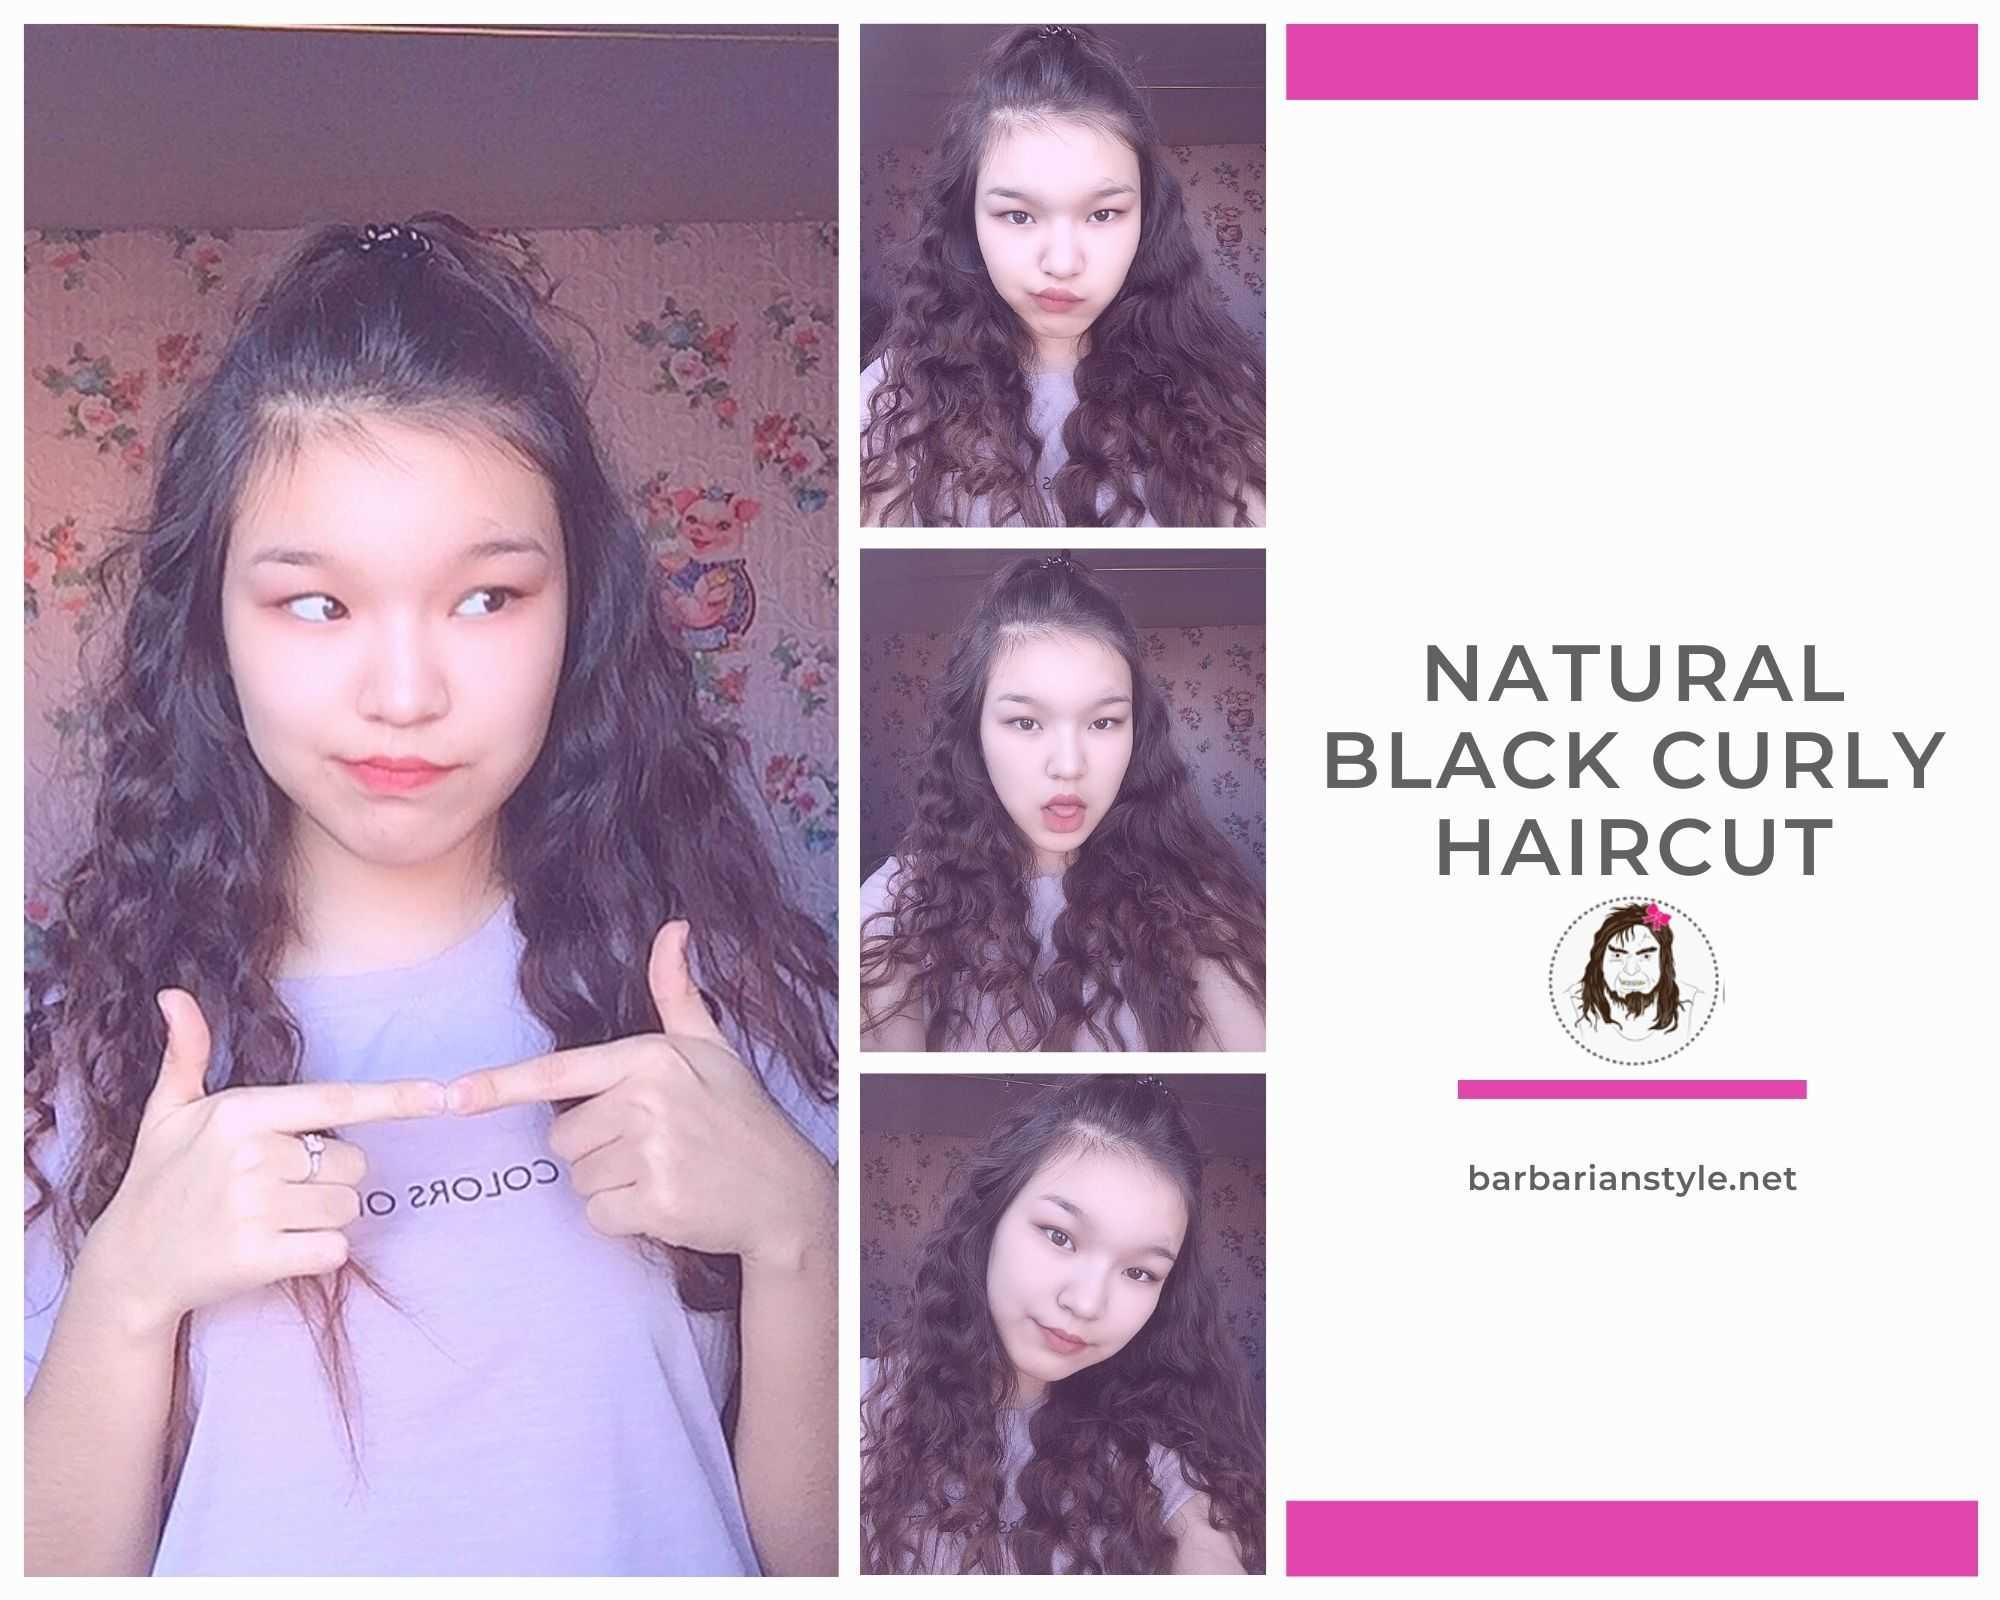 natural black curly haircut